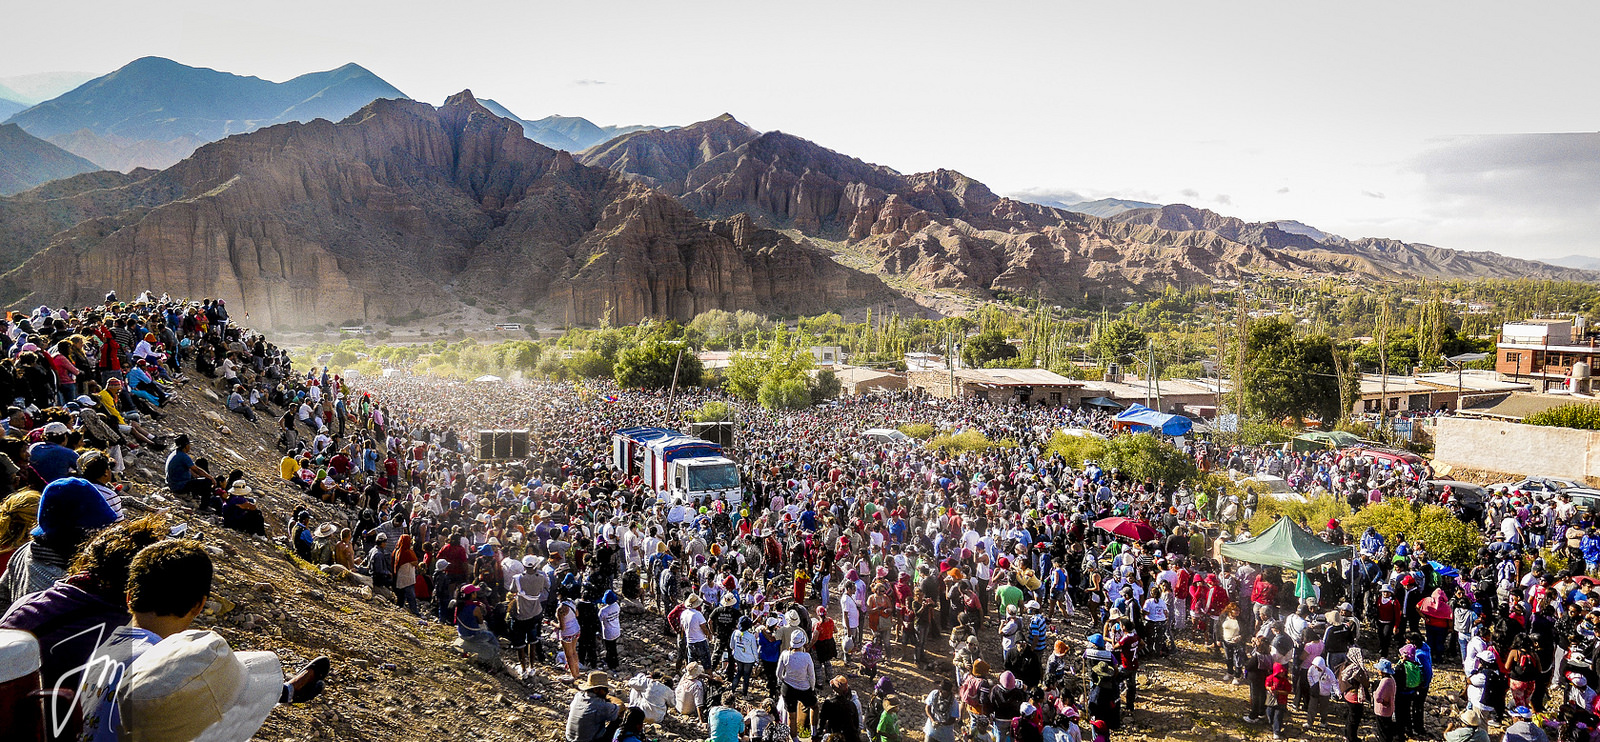 Todas As Cores Da Argentina No Carnaval Da Quebrada De Humahuaca Daytours4u